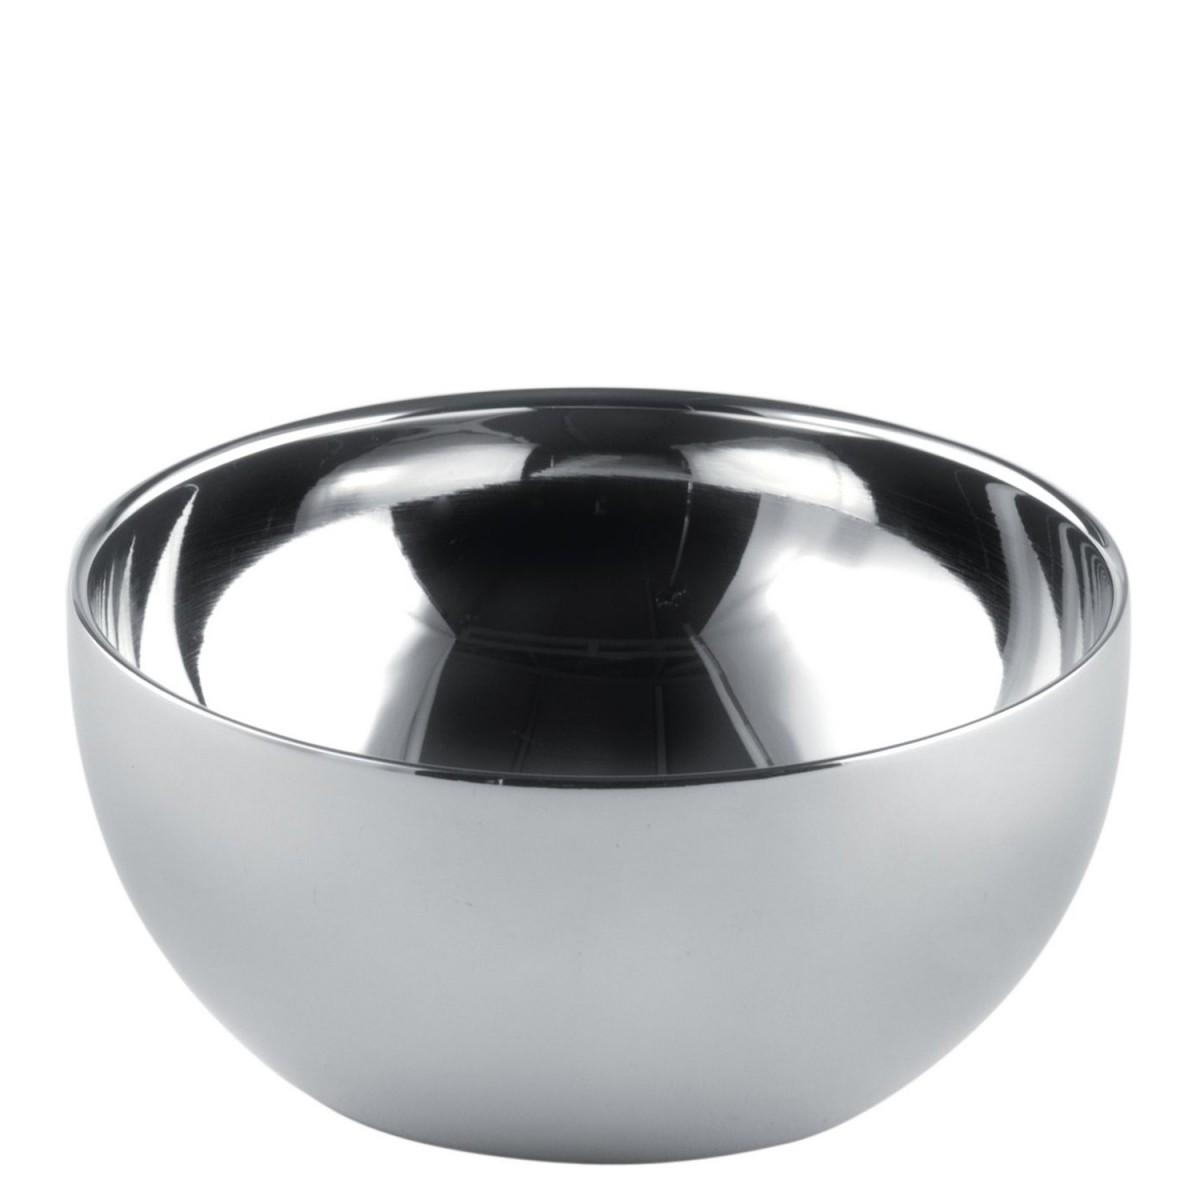 alessi sch lchen double aus gl nzendem edelstahl dul02 12 2 st ck speisen servieren geschirr. Black Bedroom Furniture Sets. Home Design Ideas